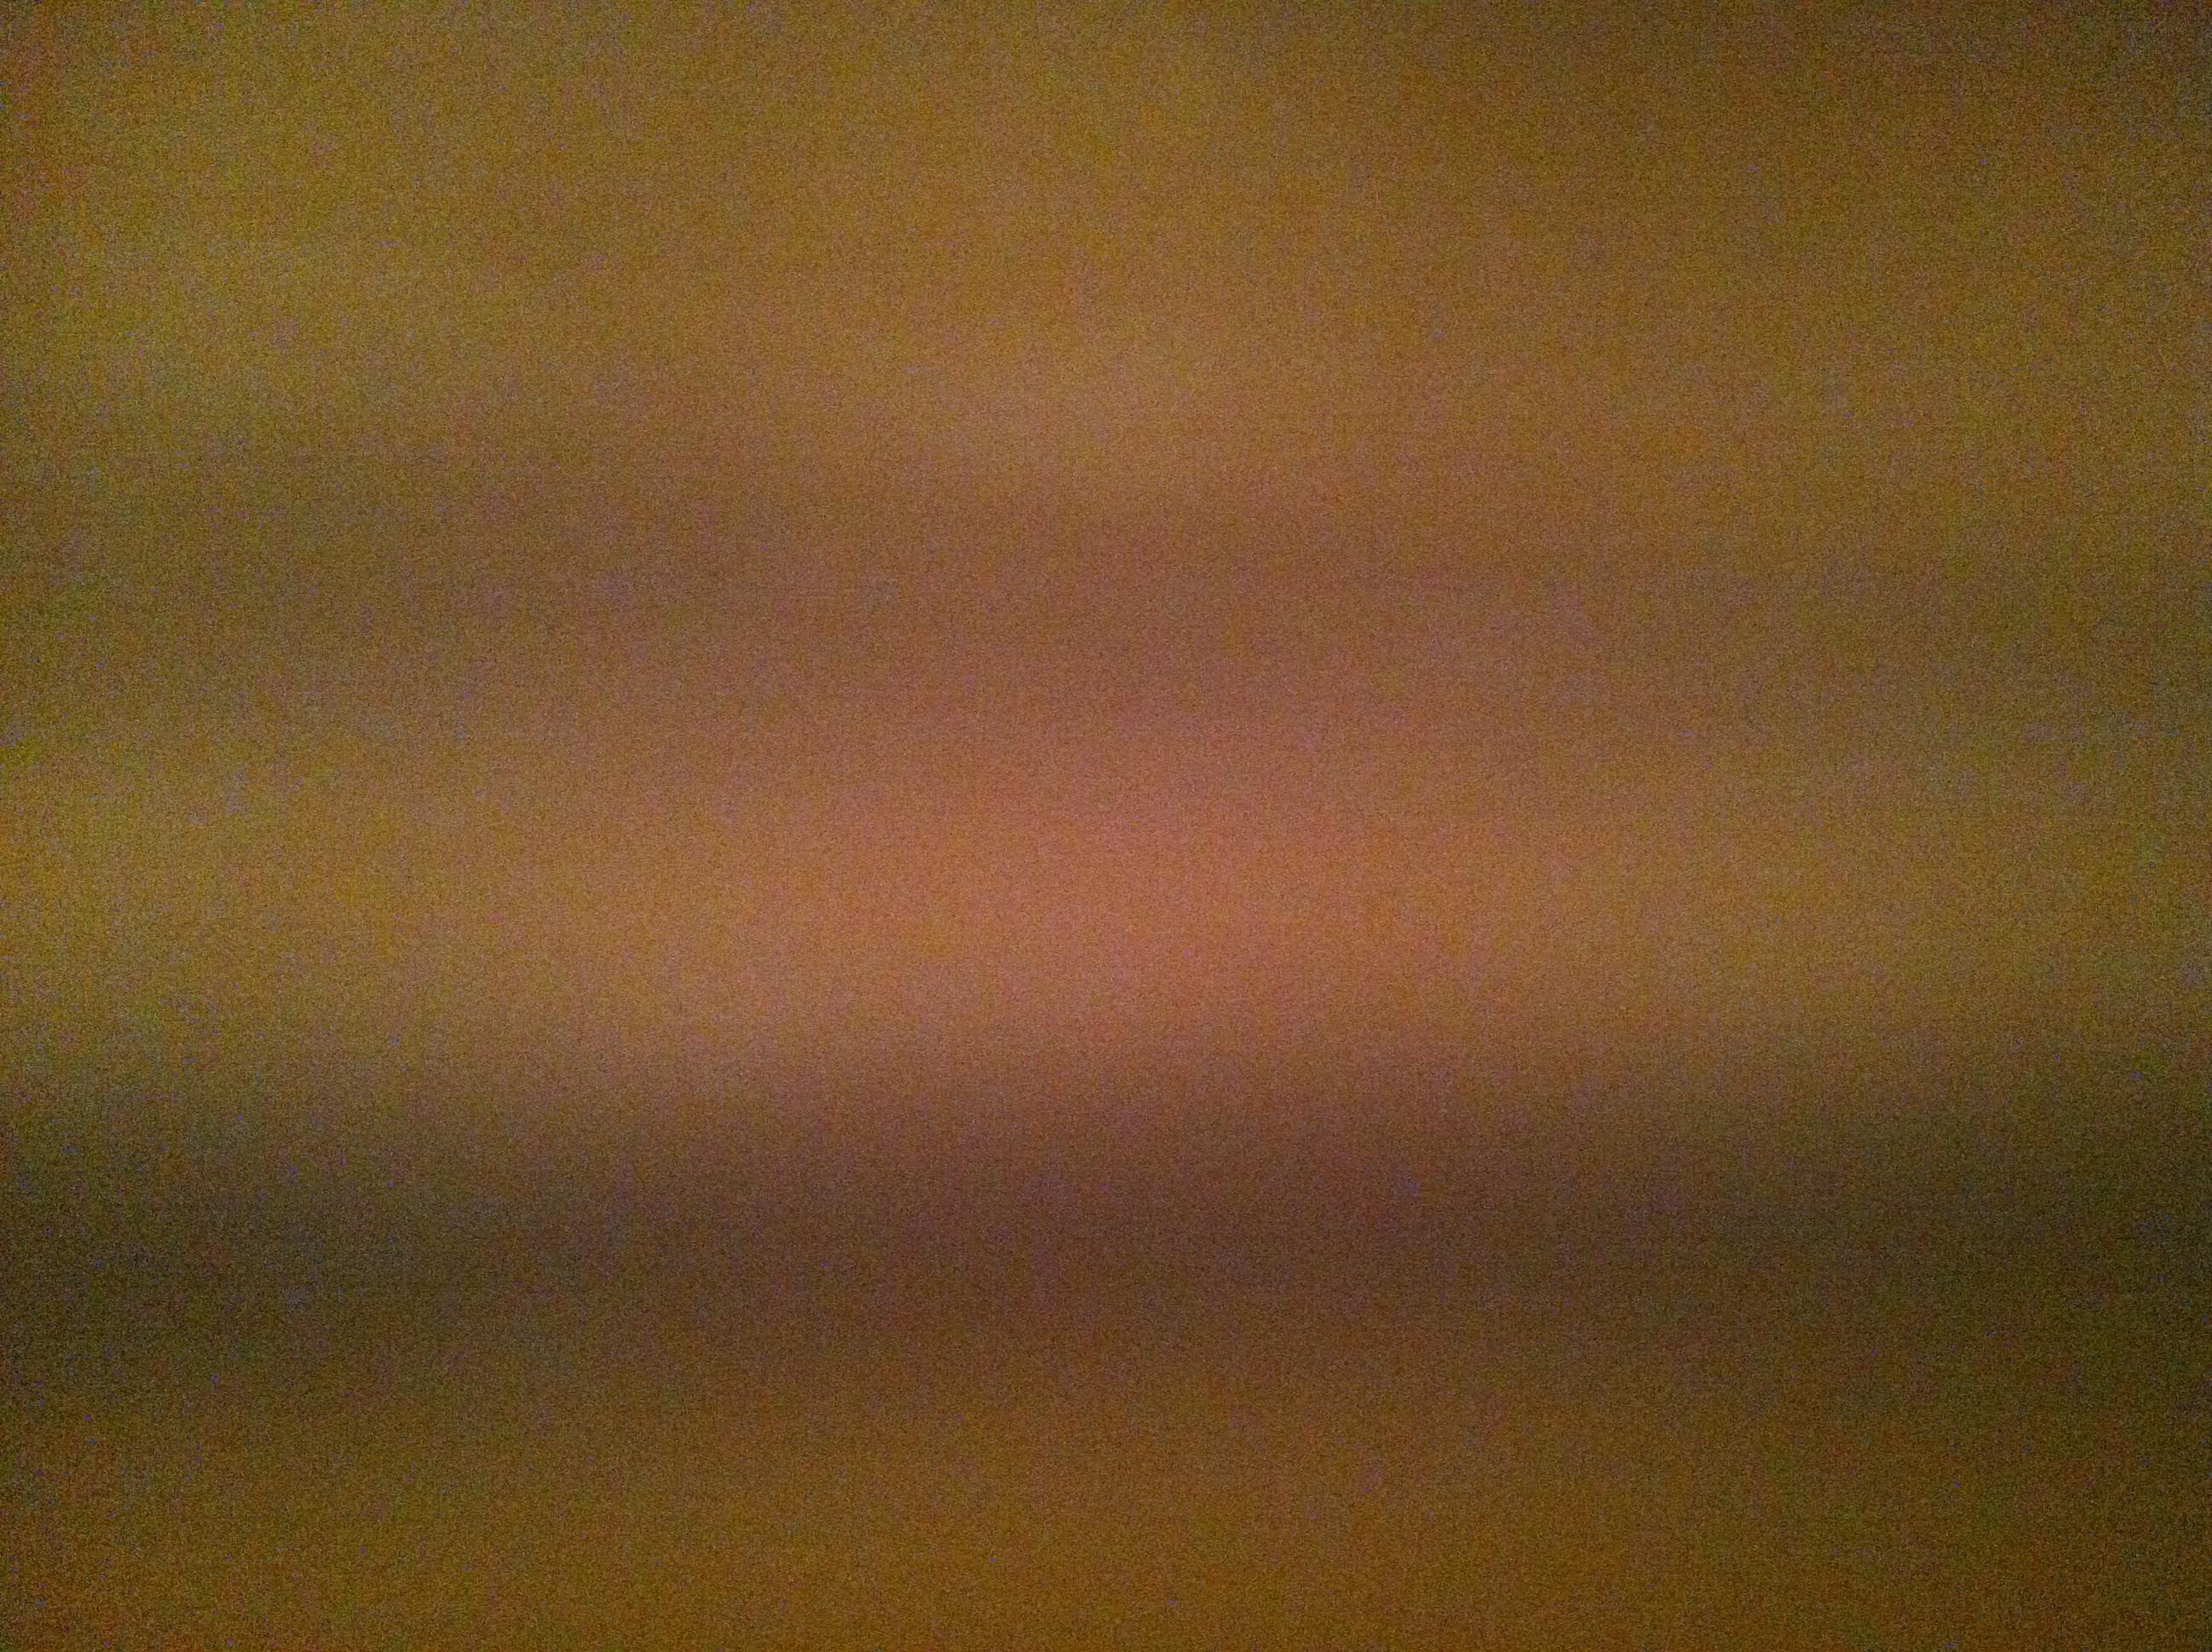 img/iphone/Foto 17-10-12 11 32 17.jpg